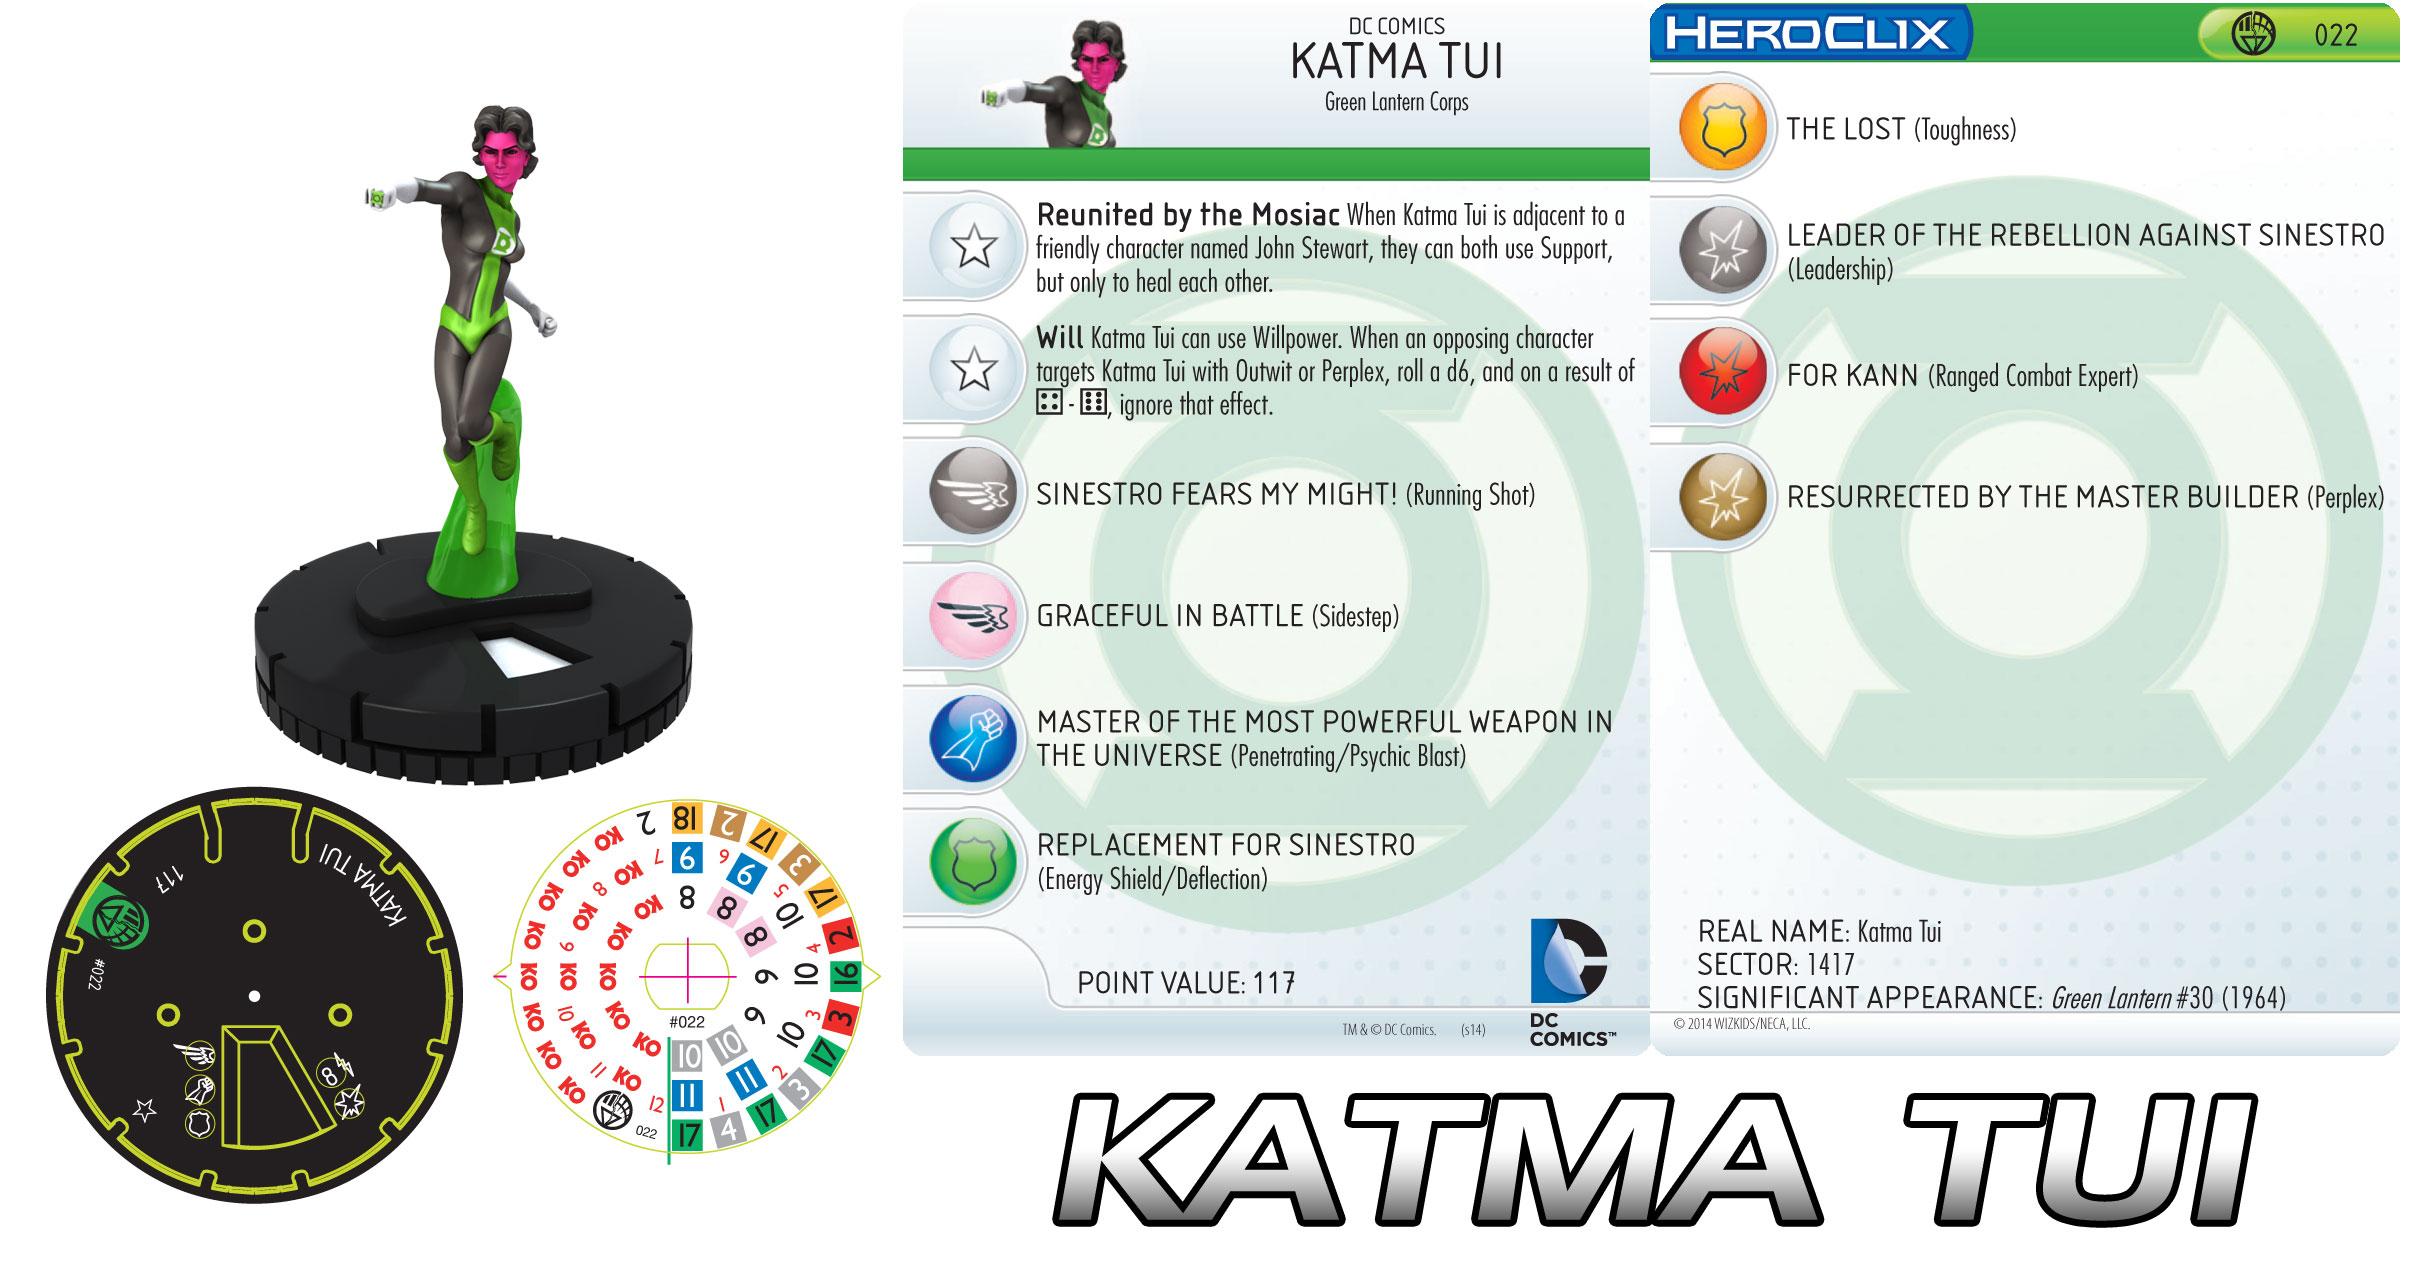 Katma Tui Heroclix figure